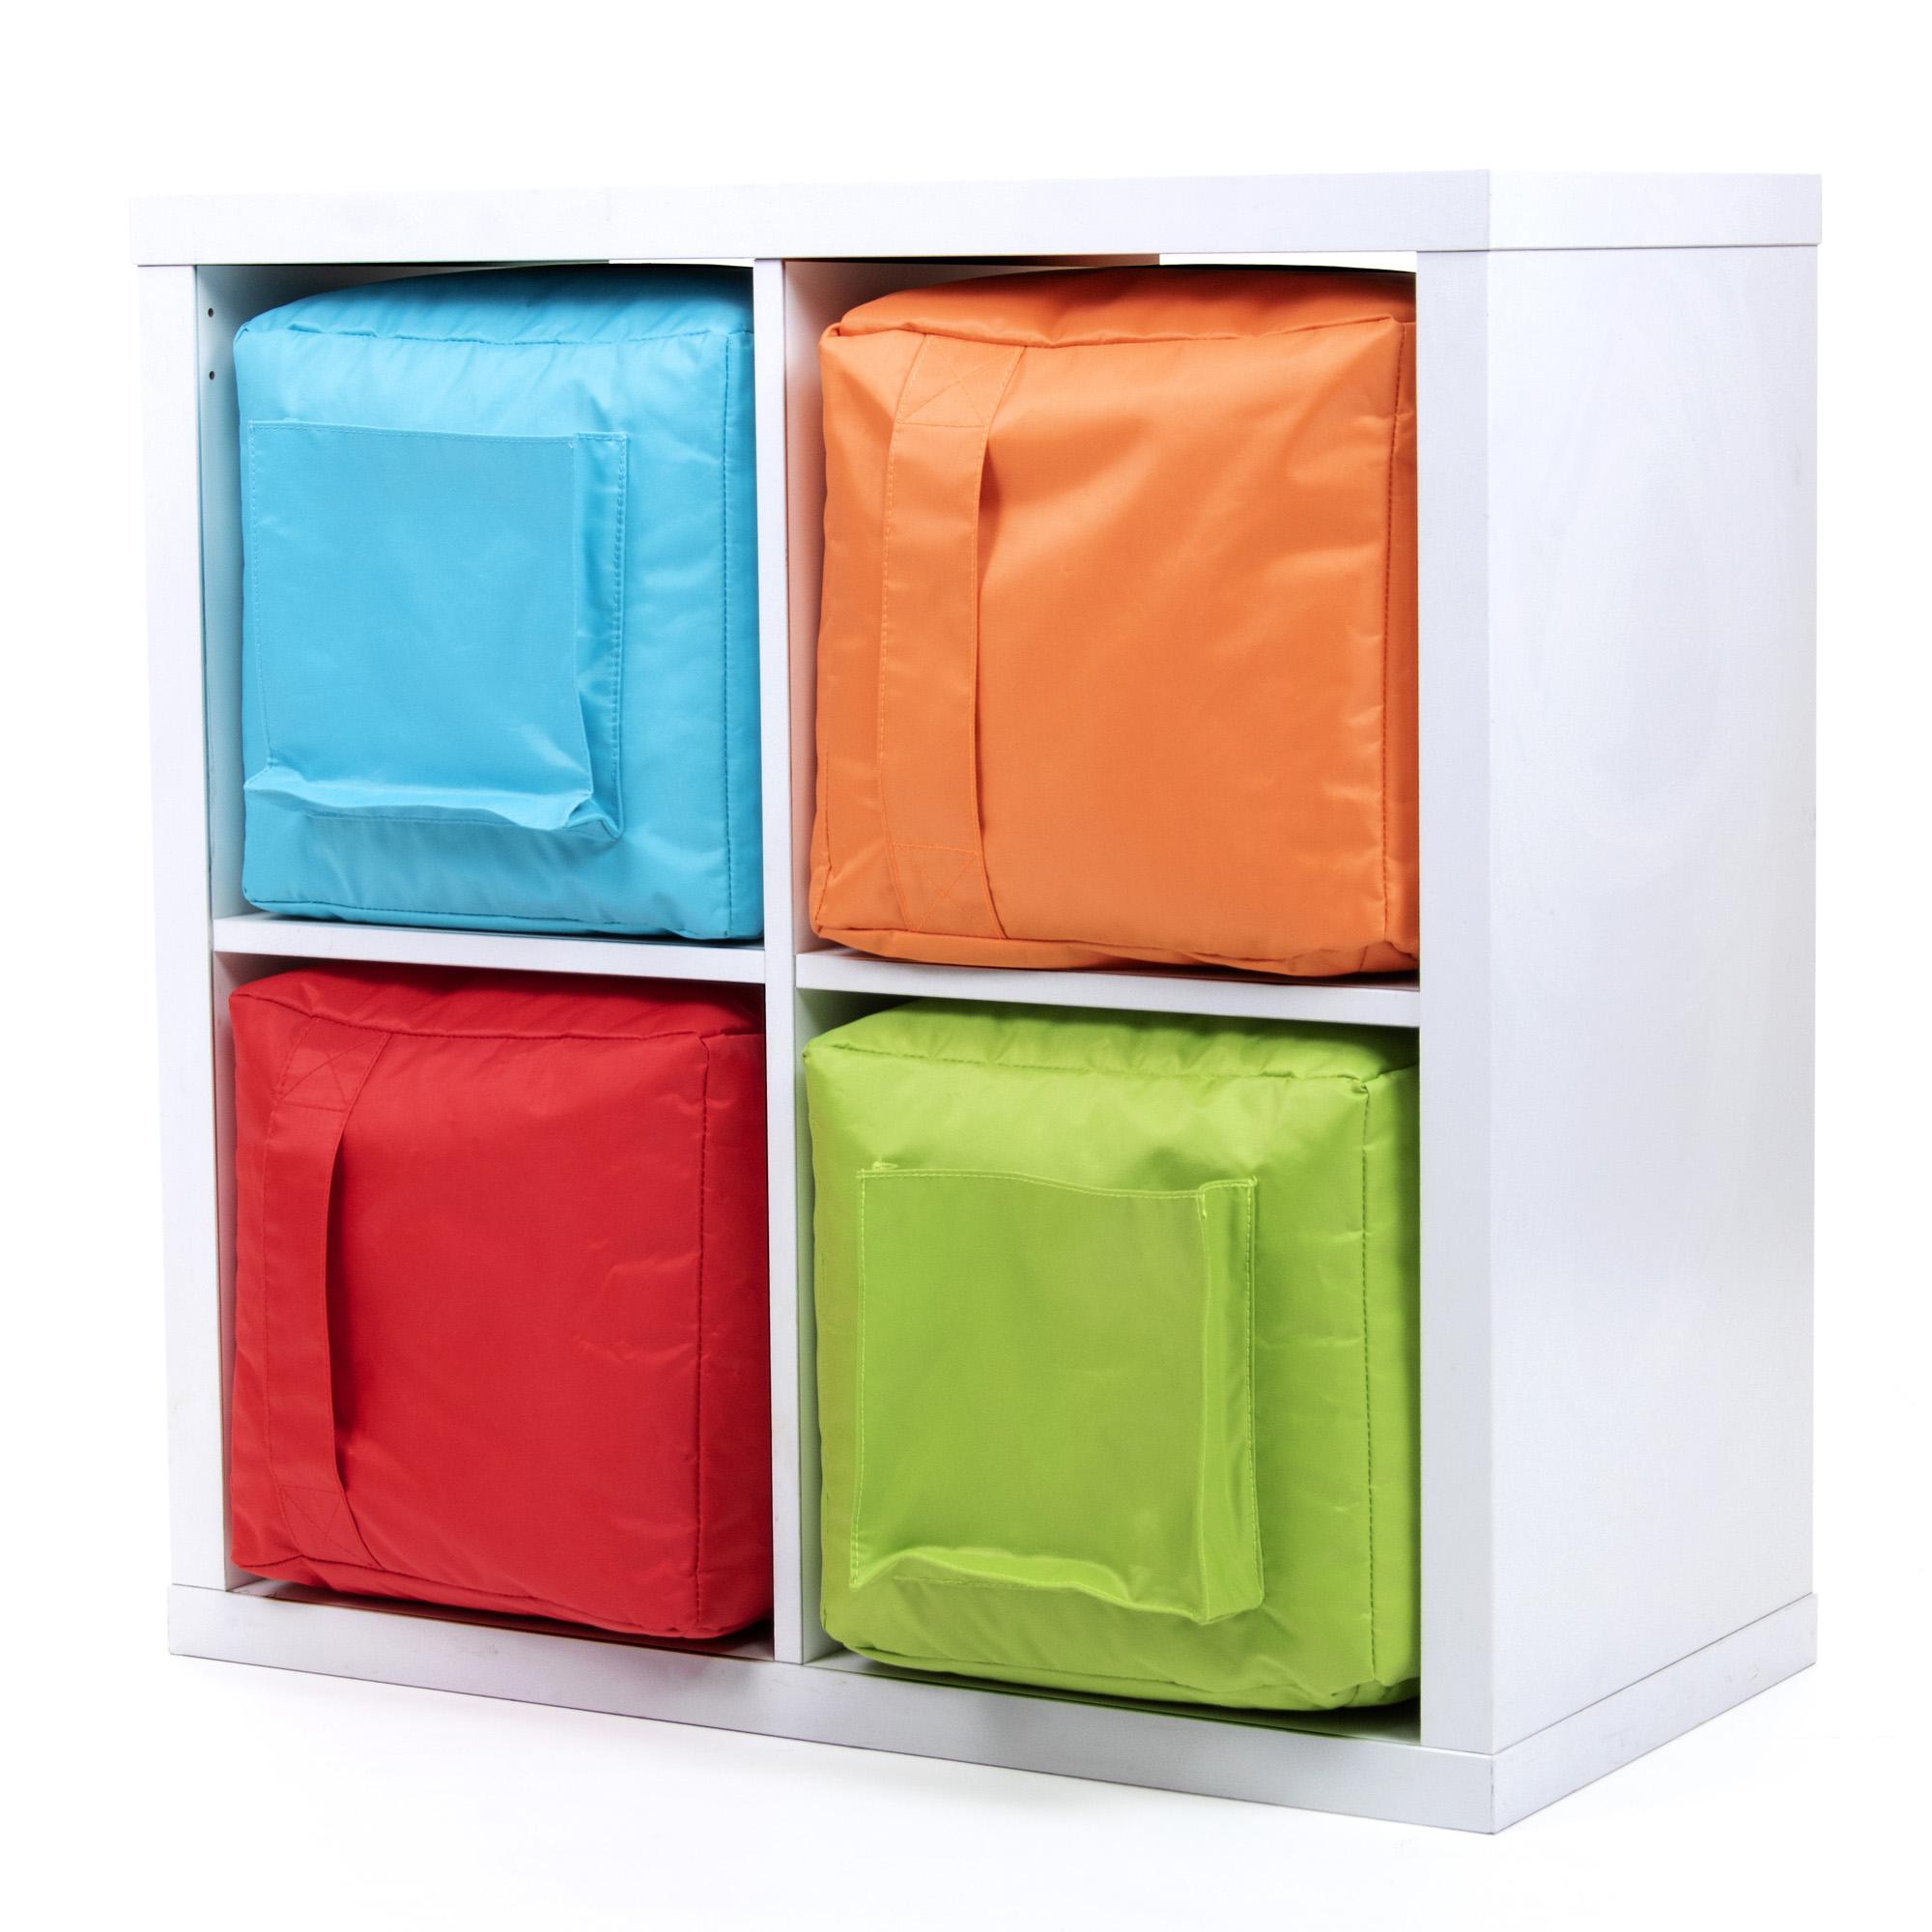 Eden-Put-Away-Cubes-3-300dpi